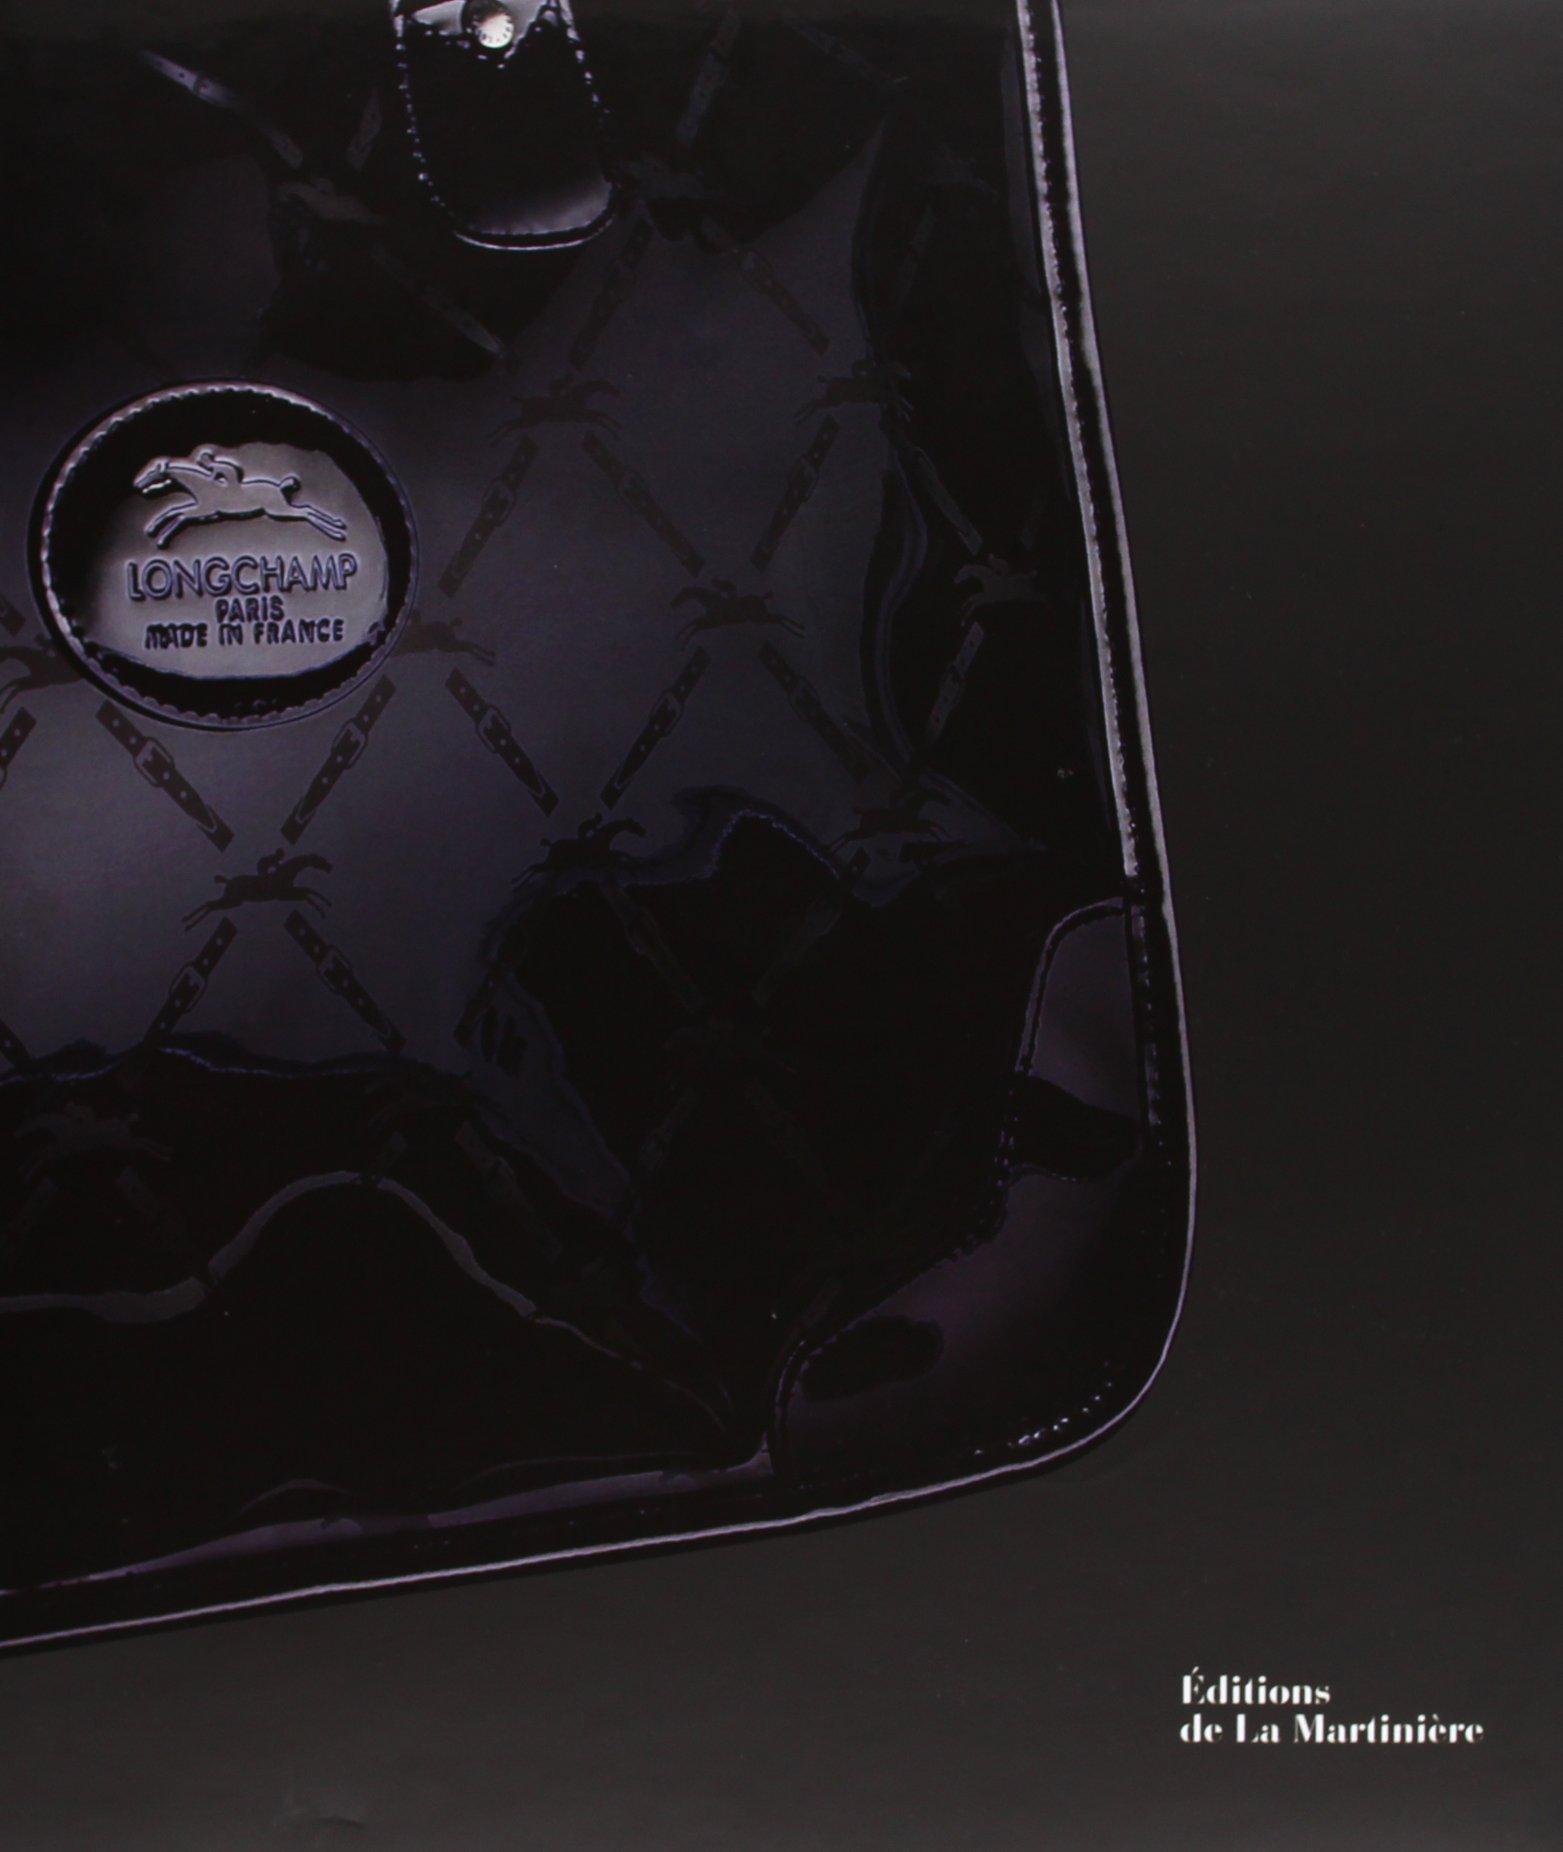 d0a2d5933981 Longchamp  Amazon.co.uk  Marie-Claire Aucouturier  9780810921078  Books